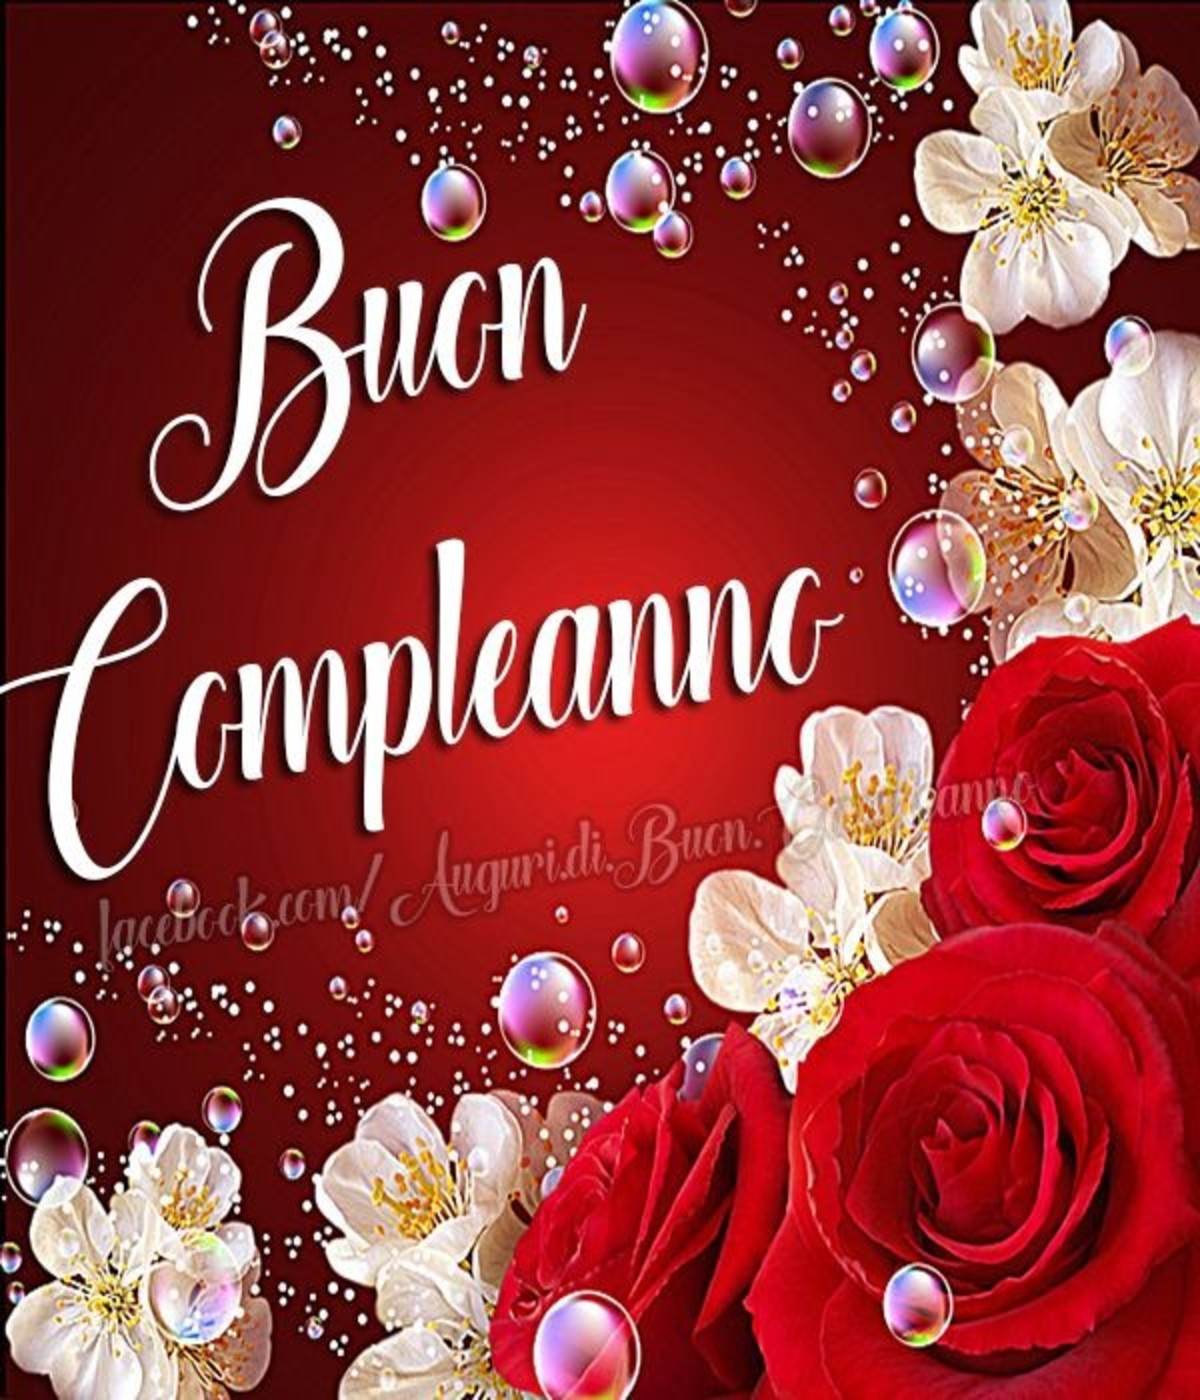 Estremamente Buon compleanno con le rose - BuongiornoATe.it AX38